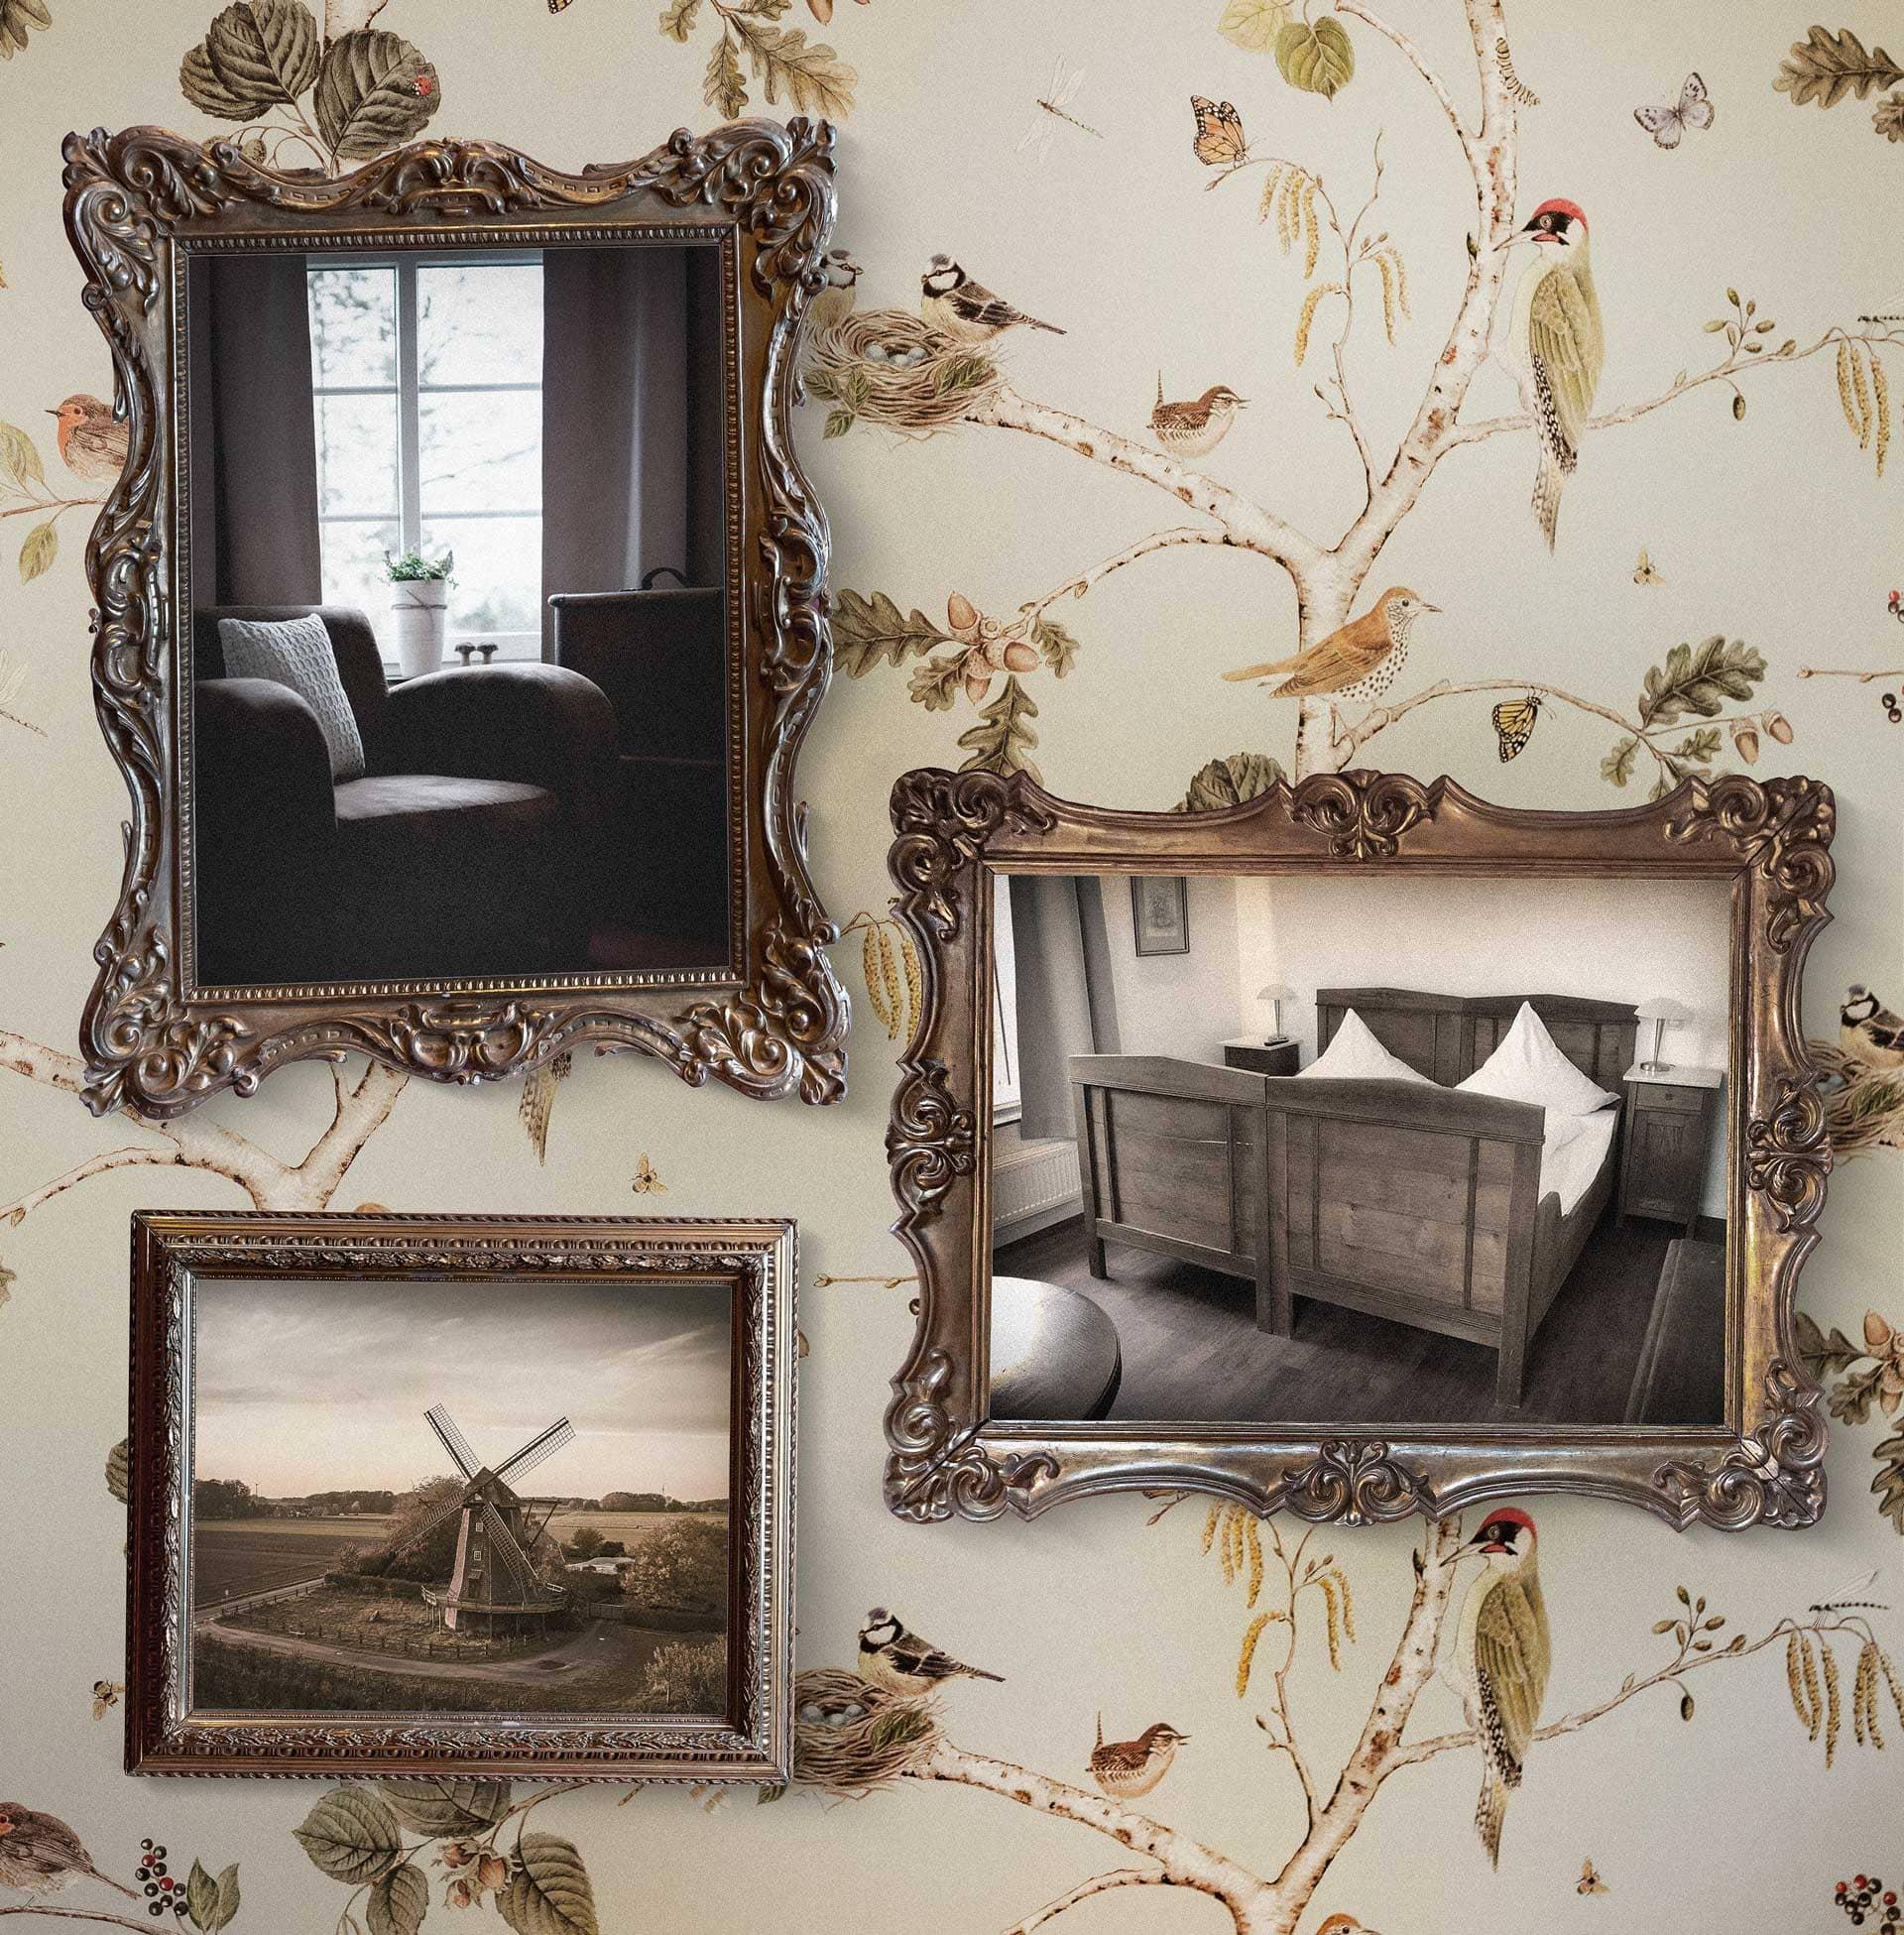 Erholung und Urlaub in Borken: Besuchen Sie unser Ferienhaus in Borken.